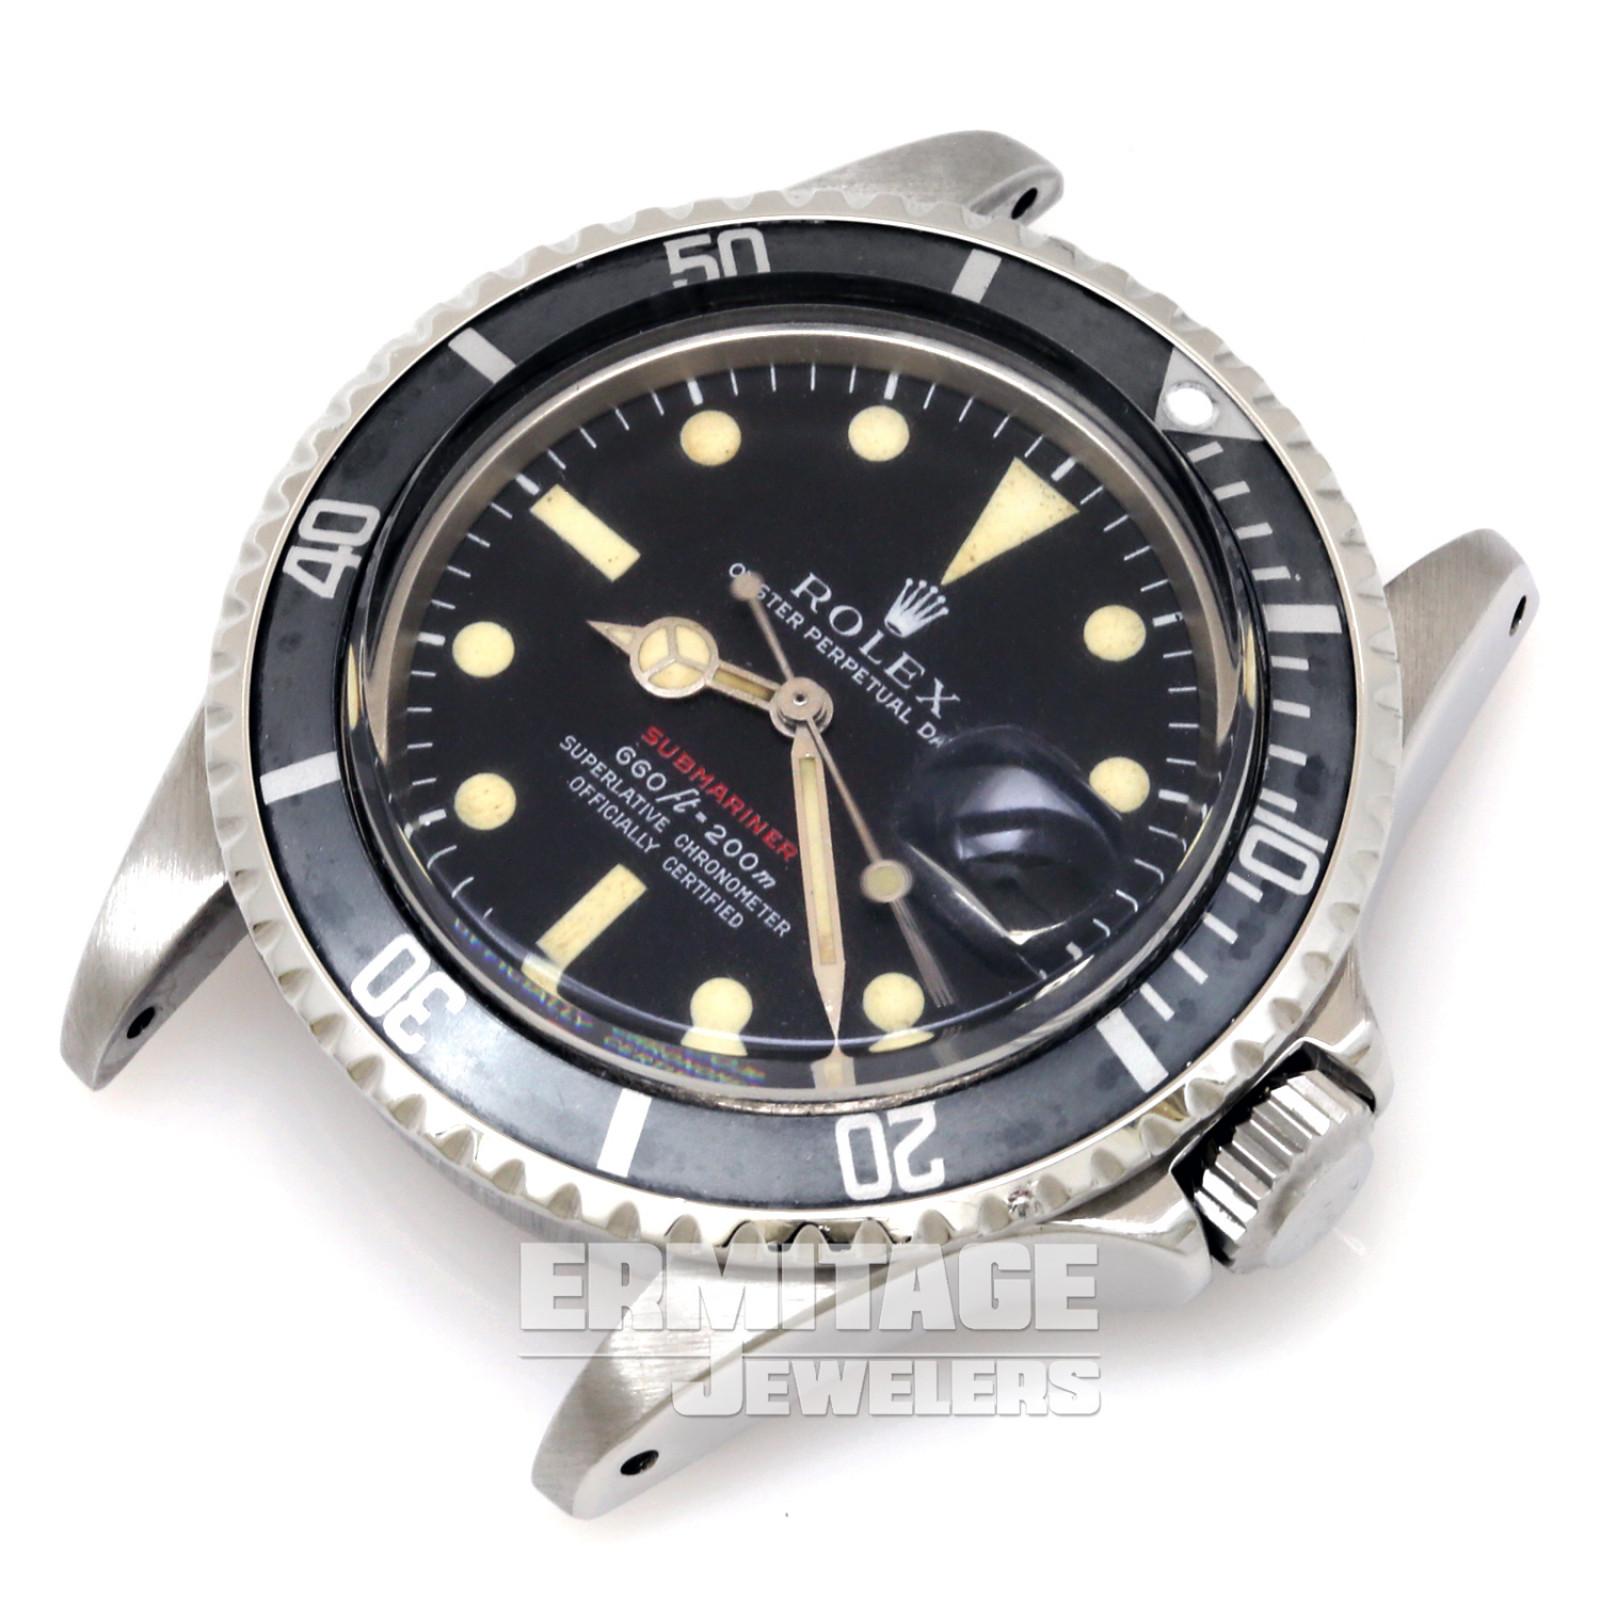 Mark VI Rolex Submariner 1680